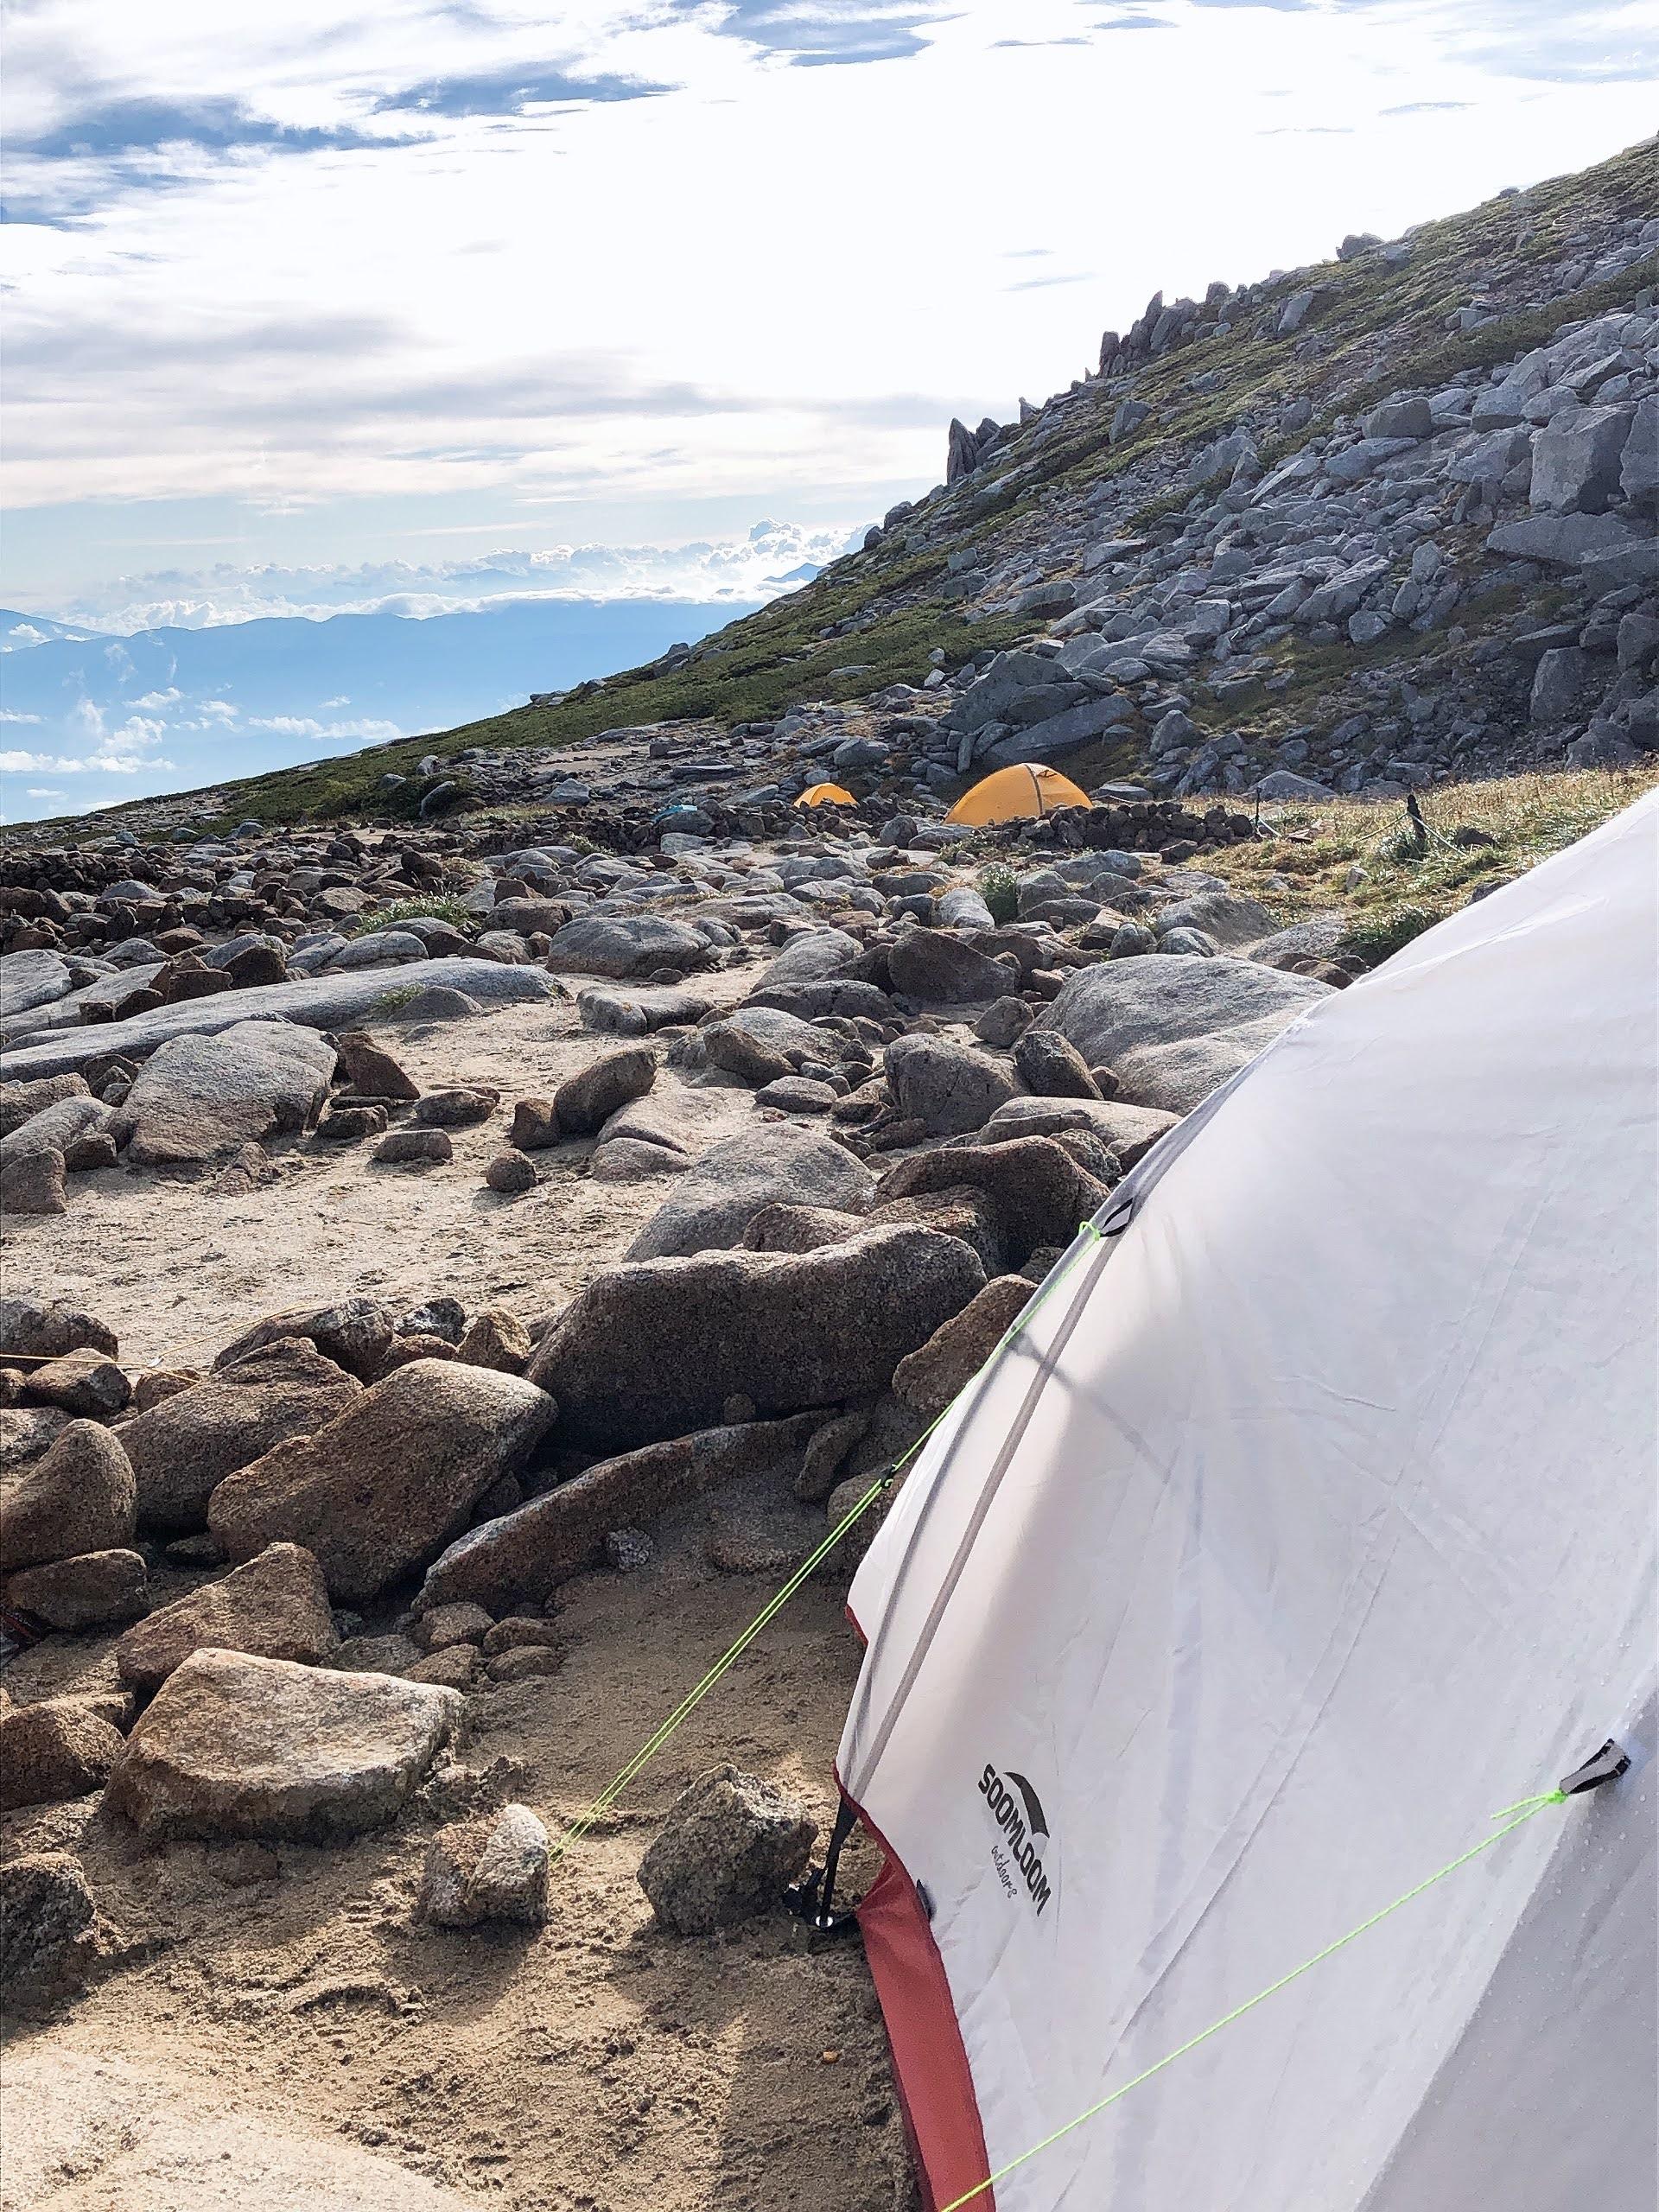 ソロテント、登山、キャンプ